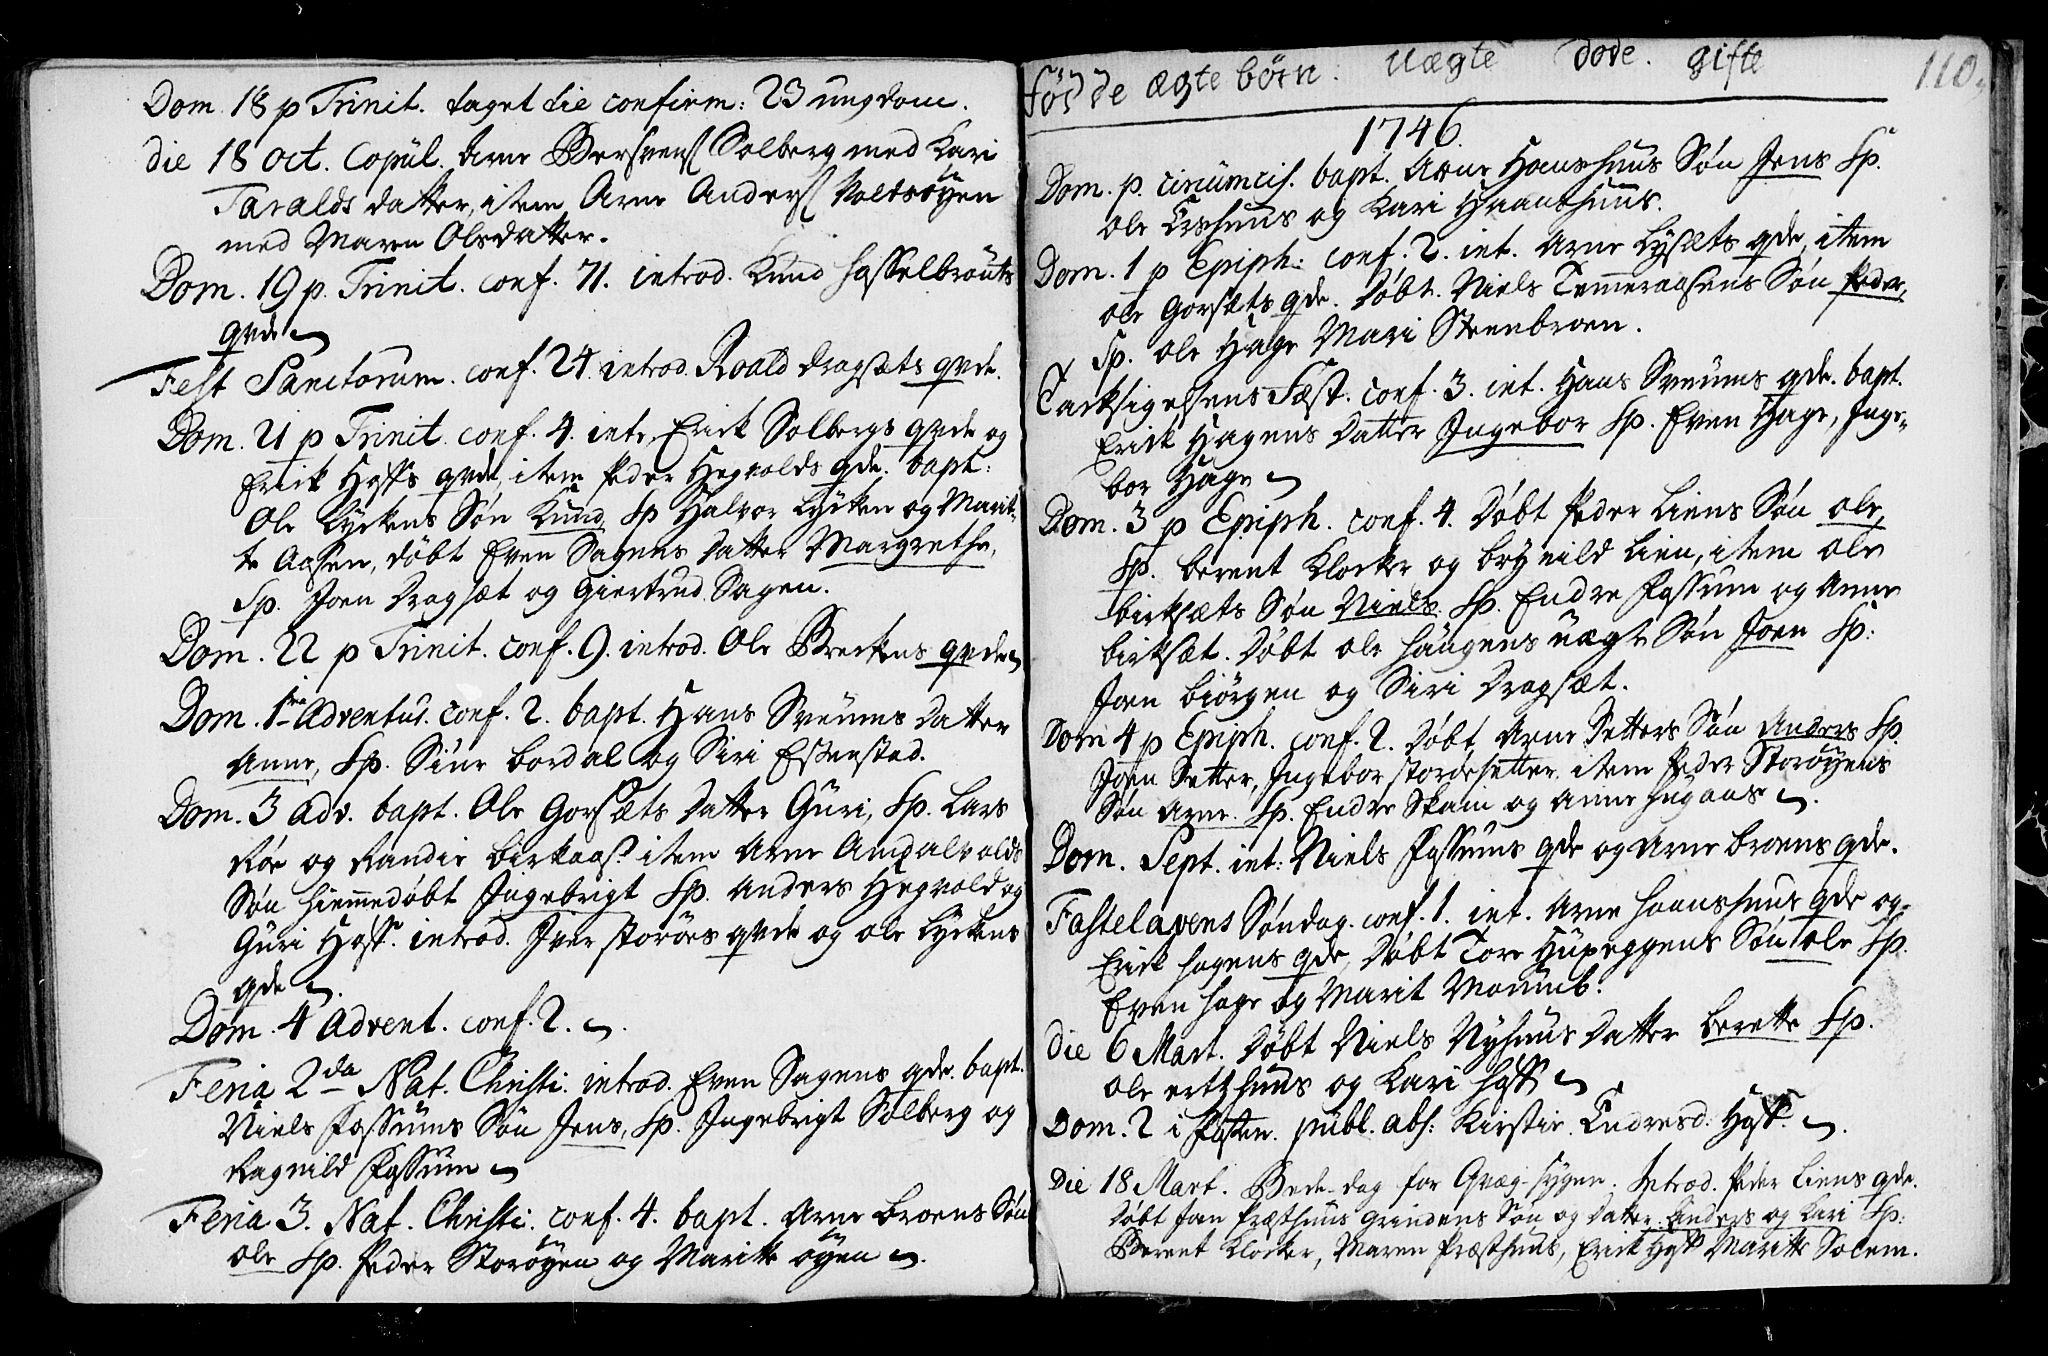 SAT, Ministerialprotokoller, klokkerbøker og fødselsregistre - Sør-Trøndelag, 689/L1036: Ministerialbok nr. 689A01, 1696-1746, s. 110